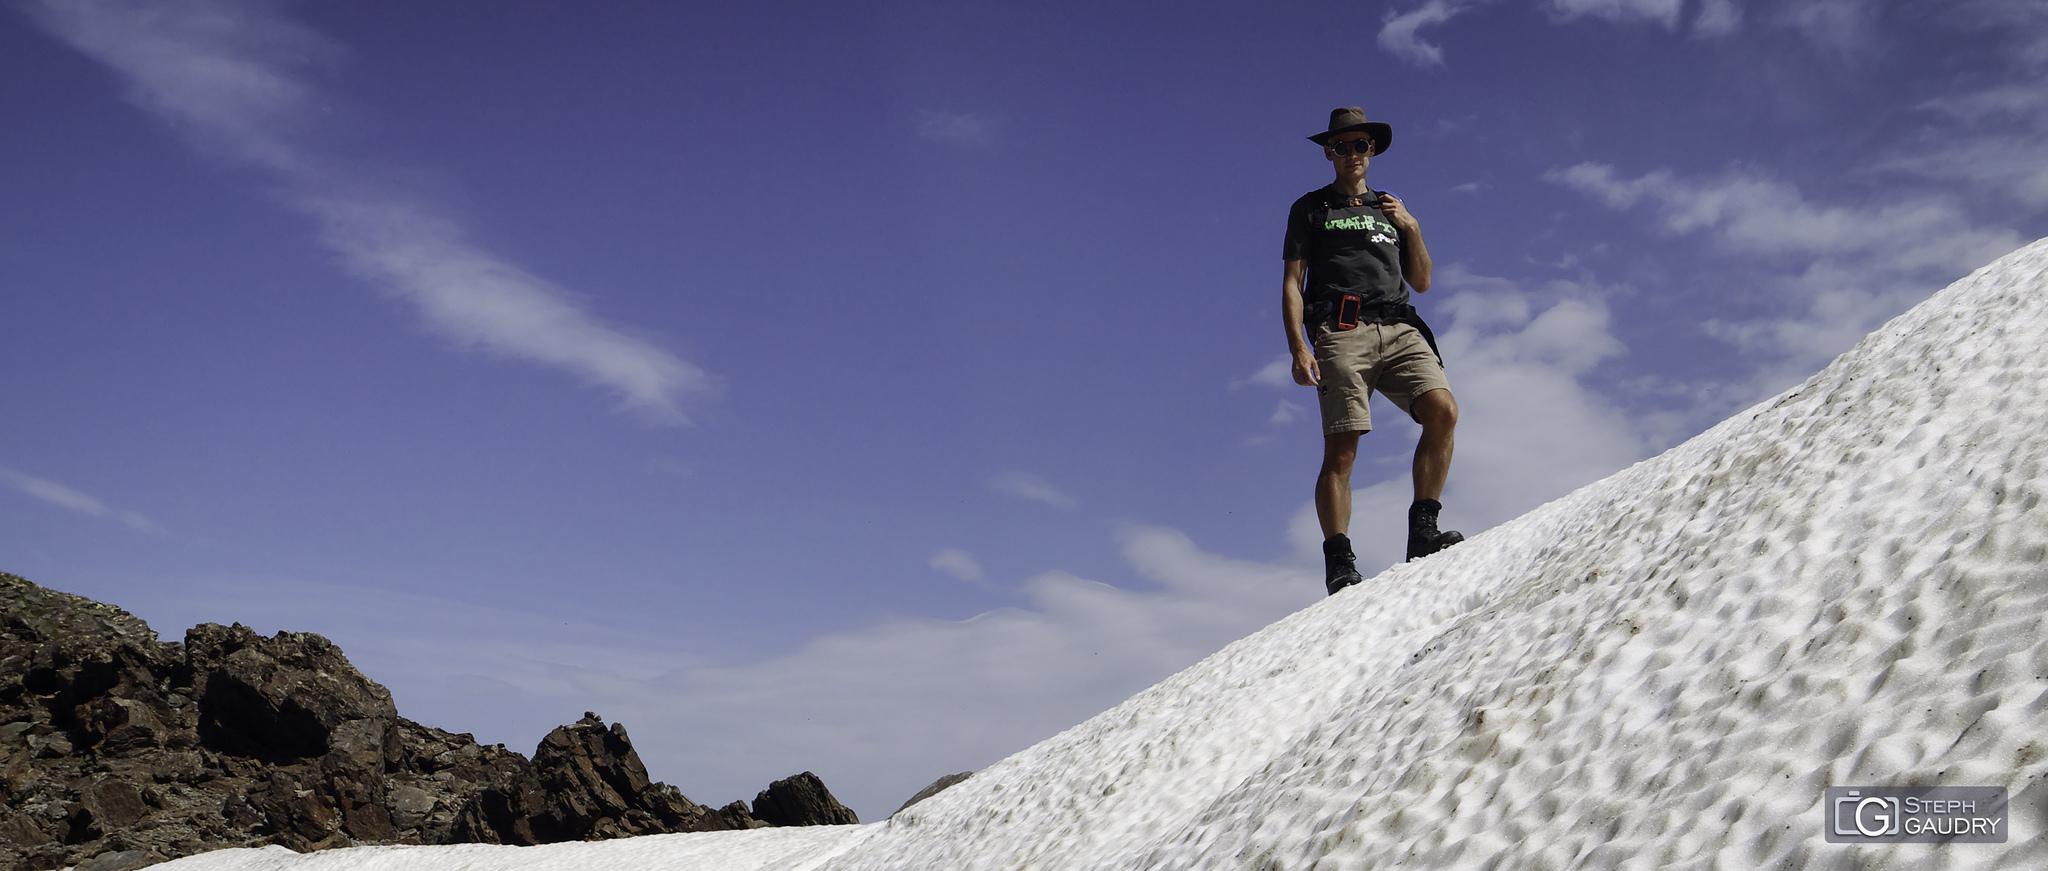 Sur les contreforts du Puigmal [Klik om de diavoorstelling te starten]